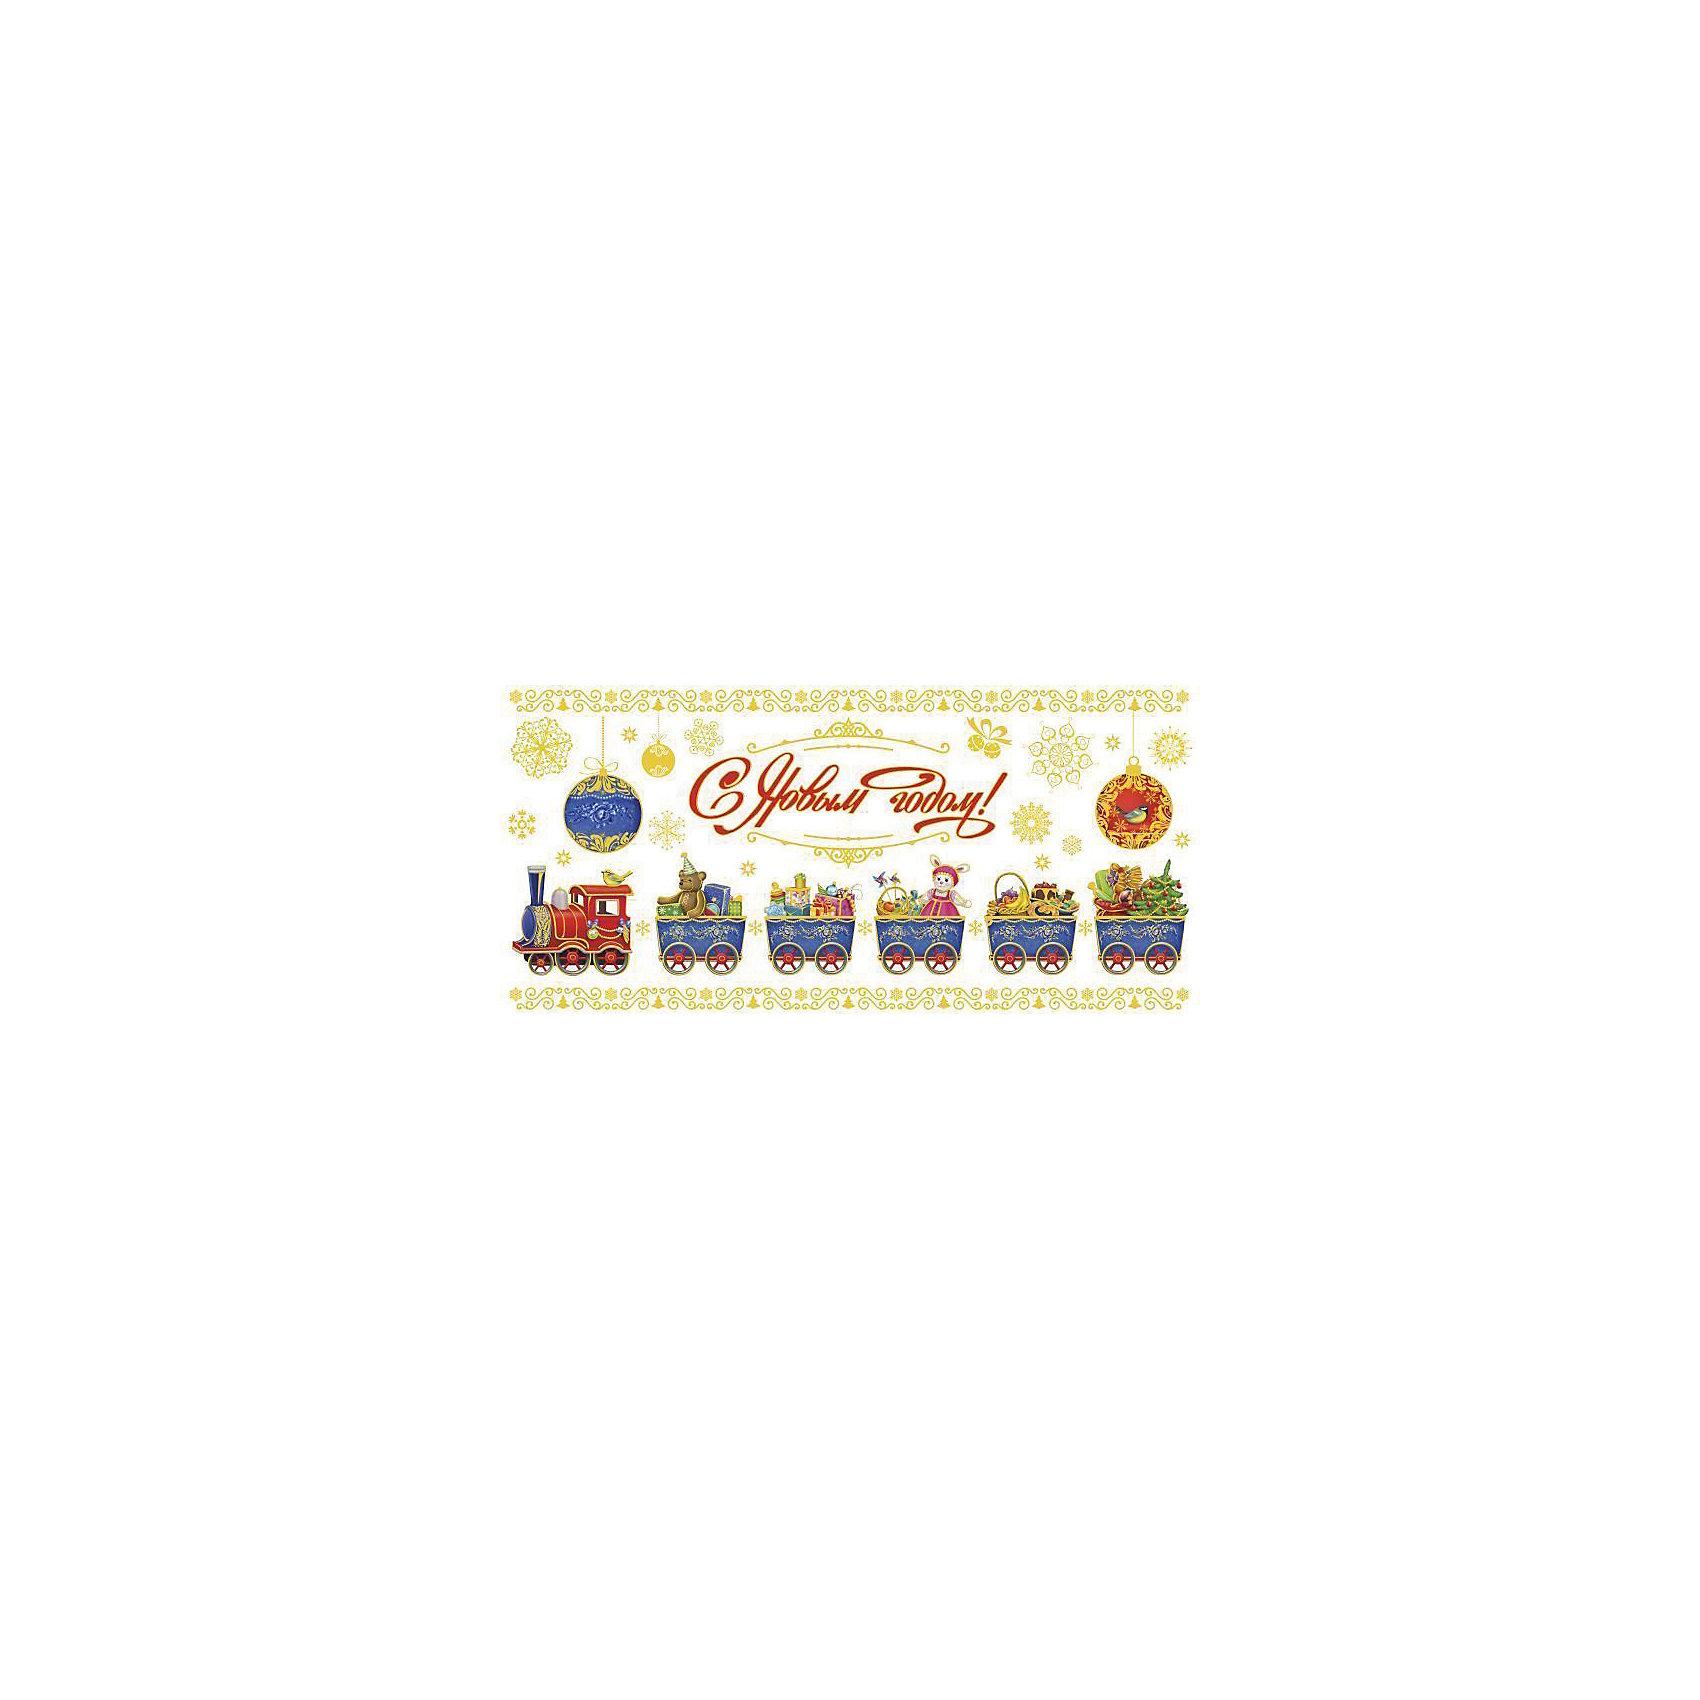 Феникс-Презент Новогоднее оконное украшение Новогодний паровозик (54*21см из ПВХ пленки декорировано глиттером) новогоднее оконное украшение феникс презент обезьянки